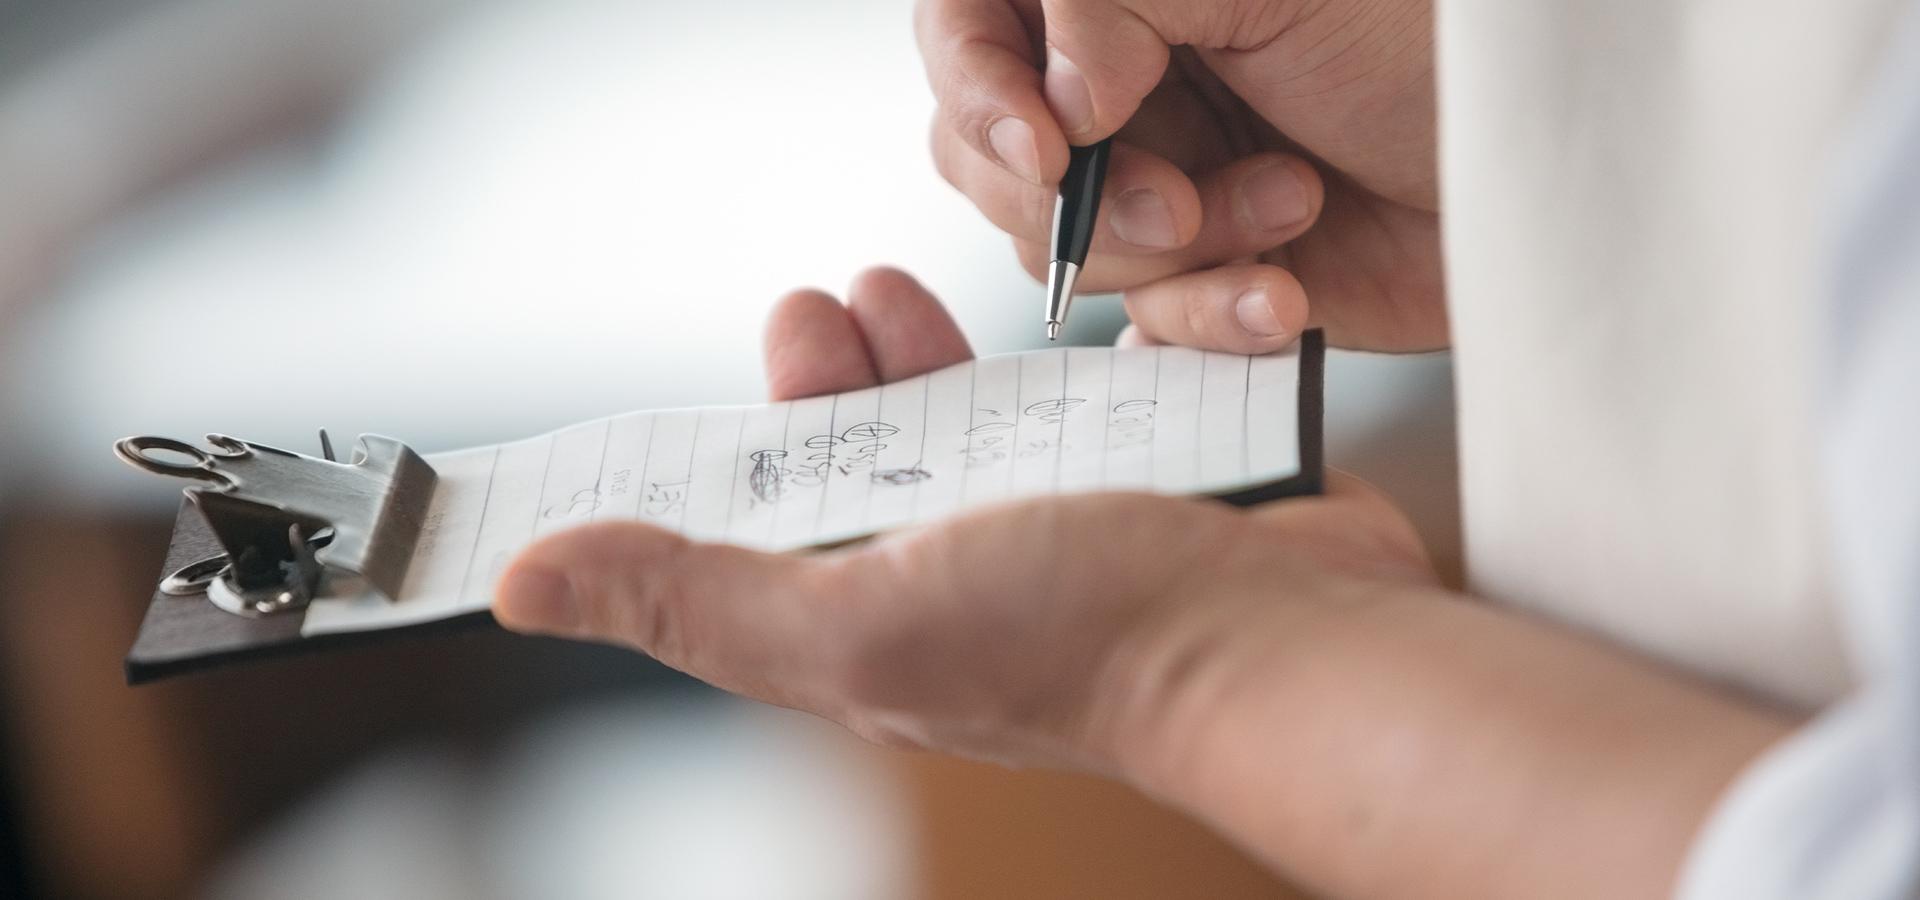 Nahaufnahme Schreibblock - Bestellung wird aufgenommen